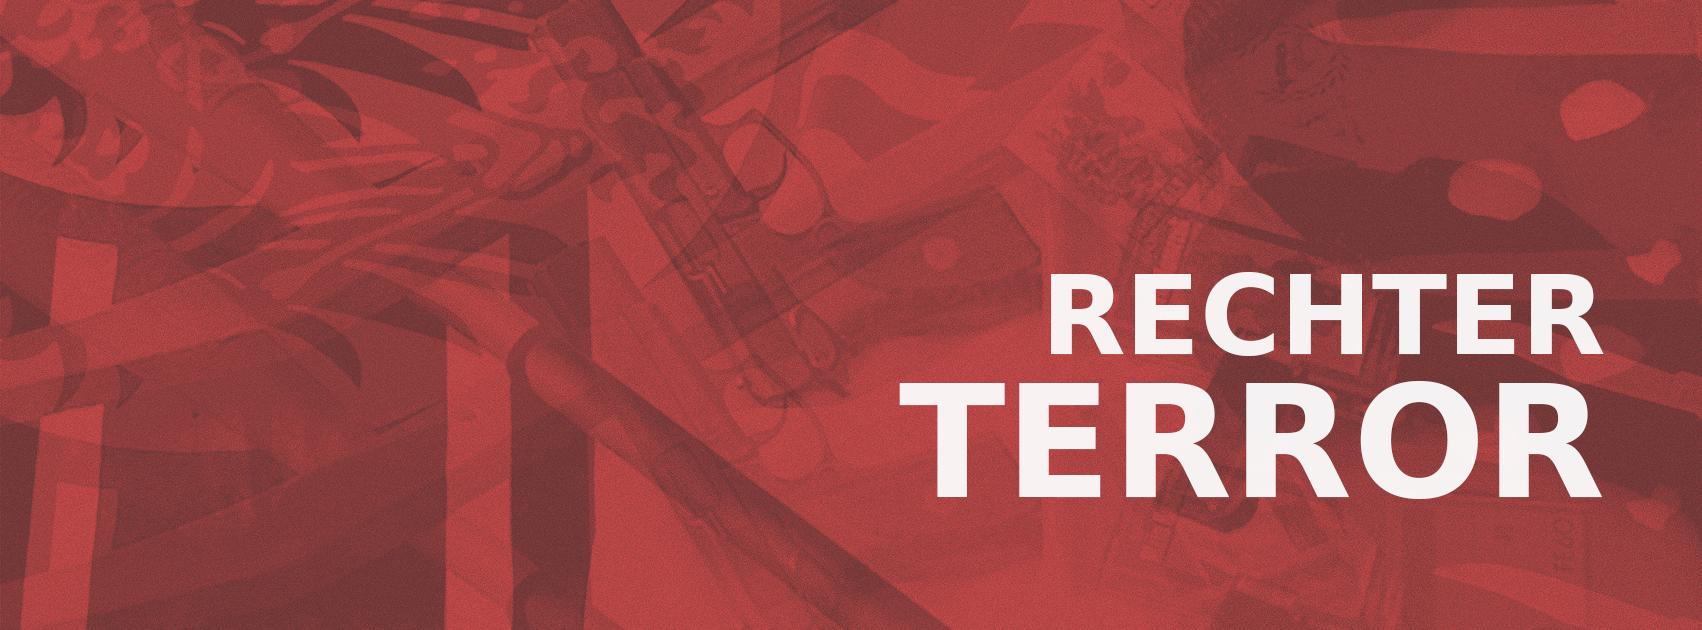 Schriftzug Rechter Terror